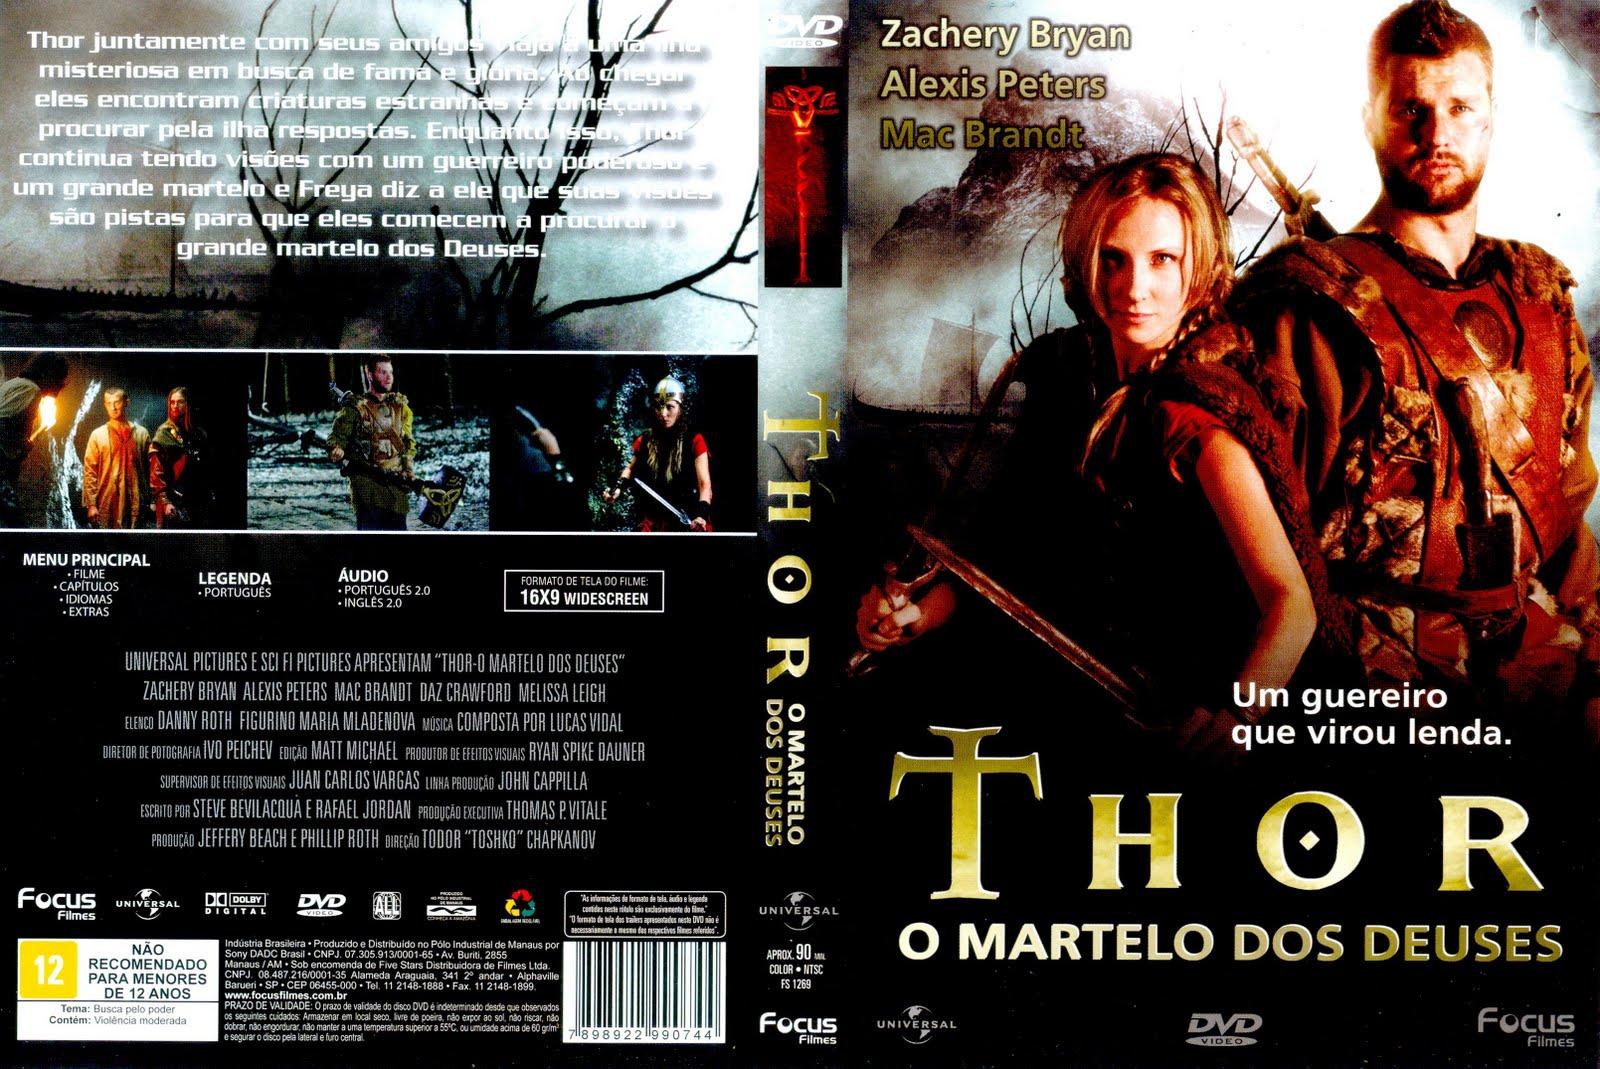 http://2.bp.blogspot.com/-y7hDroBs0wA/TrqLgyKW9iI/AAAAAAAAB5M/mfOGLdBYmTM/s1600/Thor_-_O_Martelo_Dos_Deuses.jpg